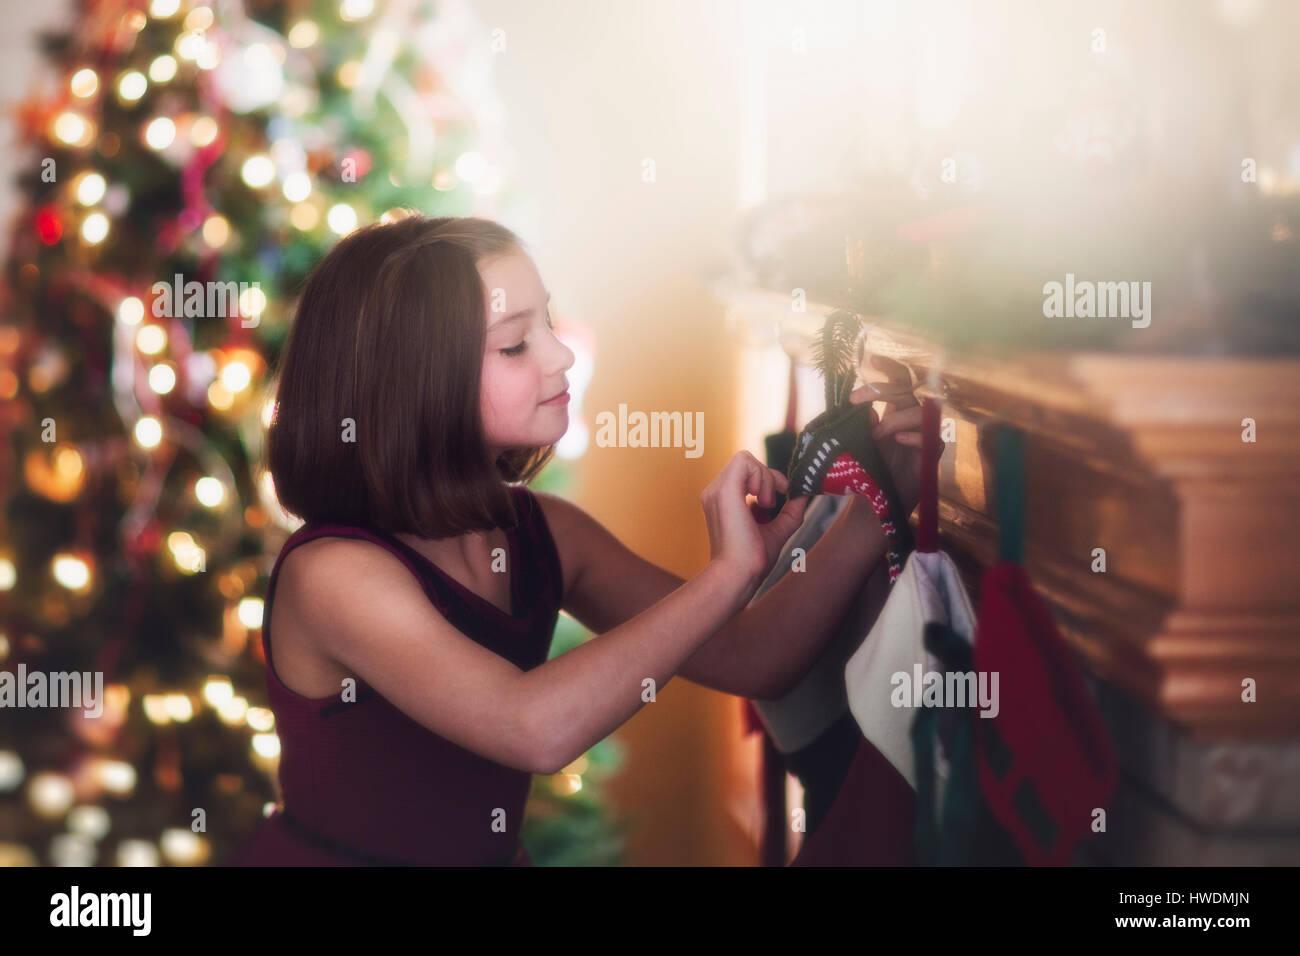 female child christmas stocking stock photos female child